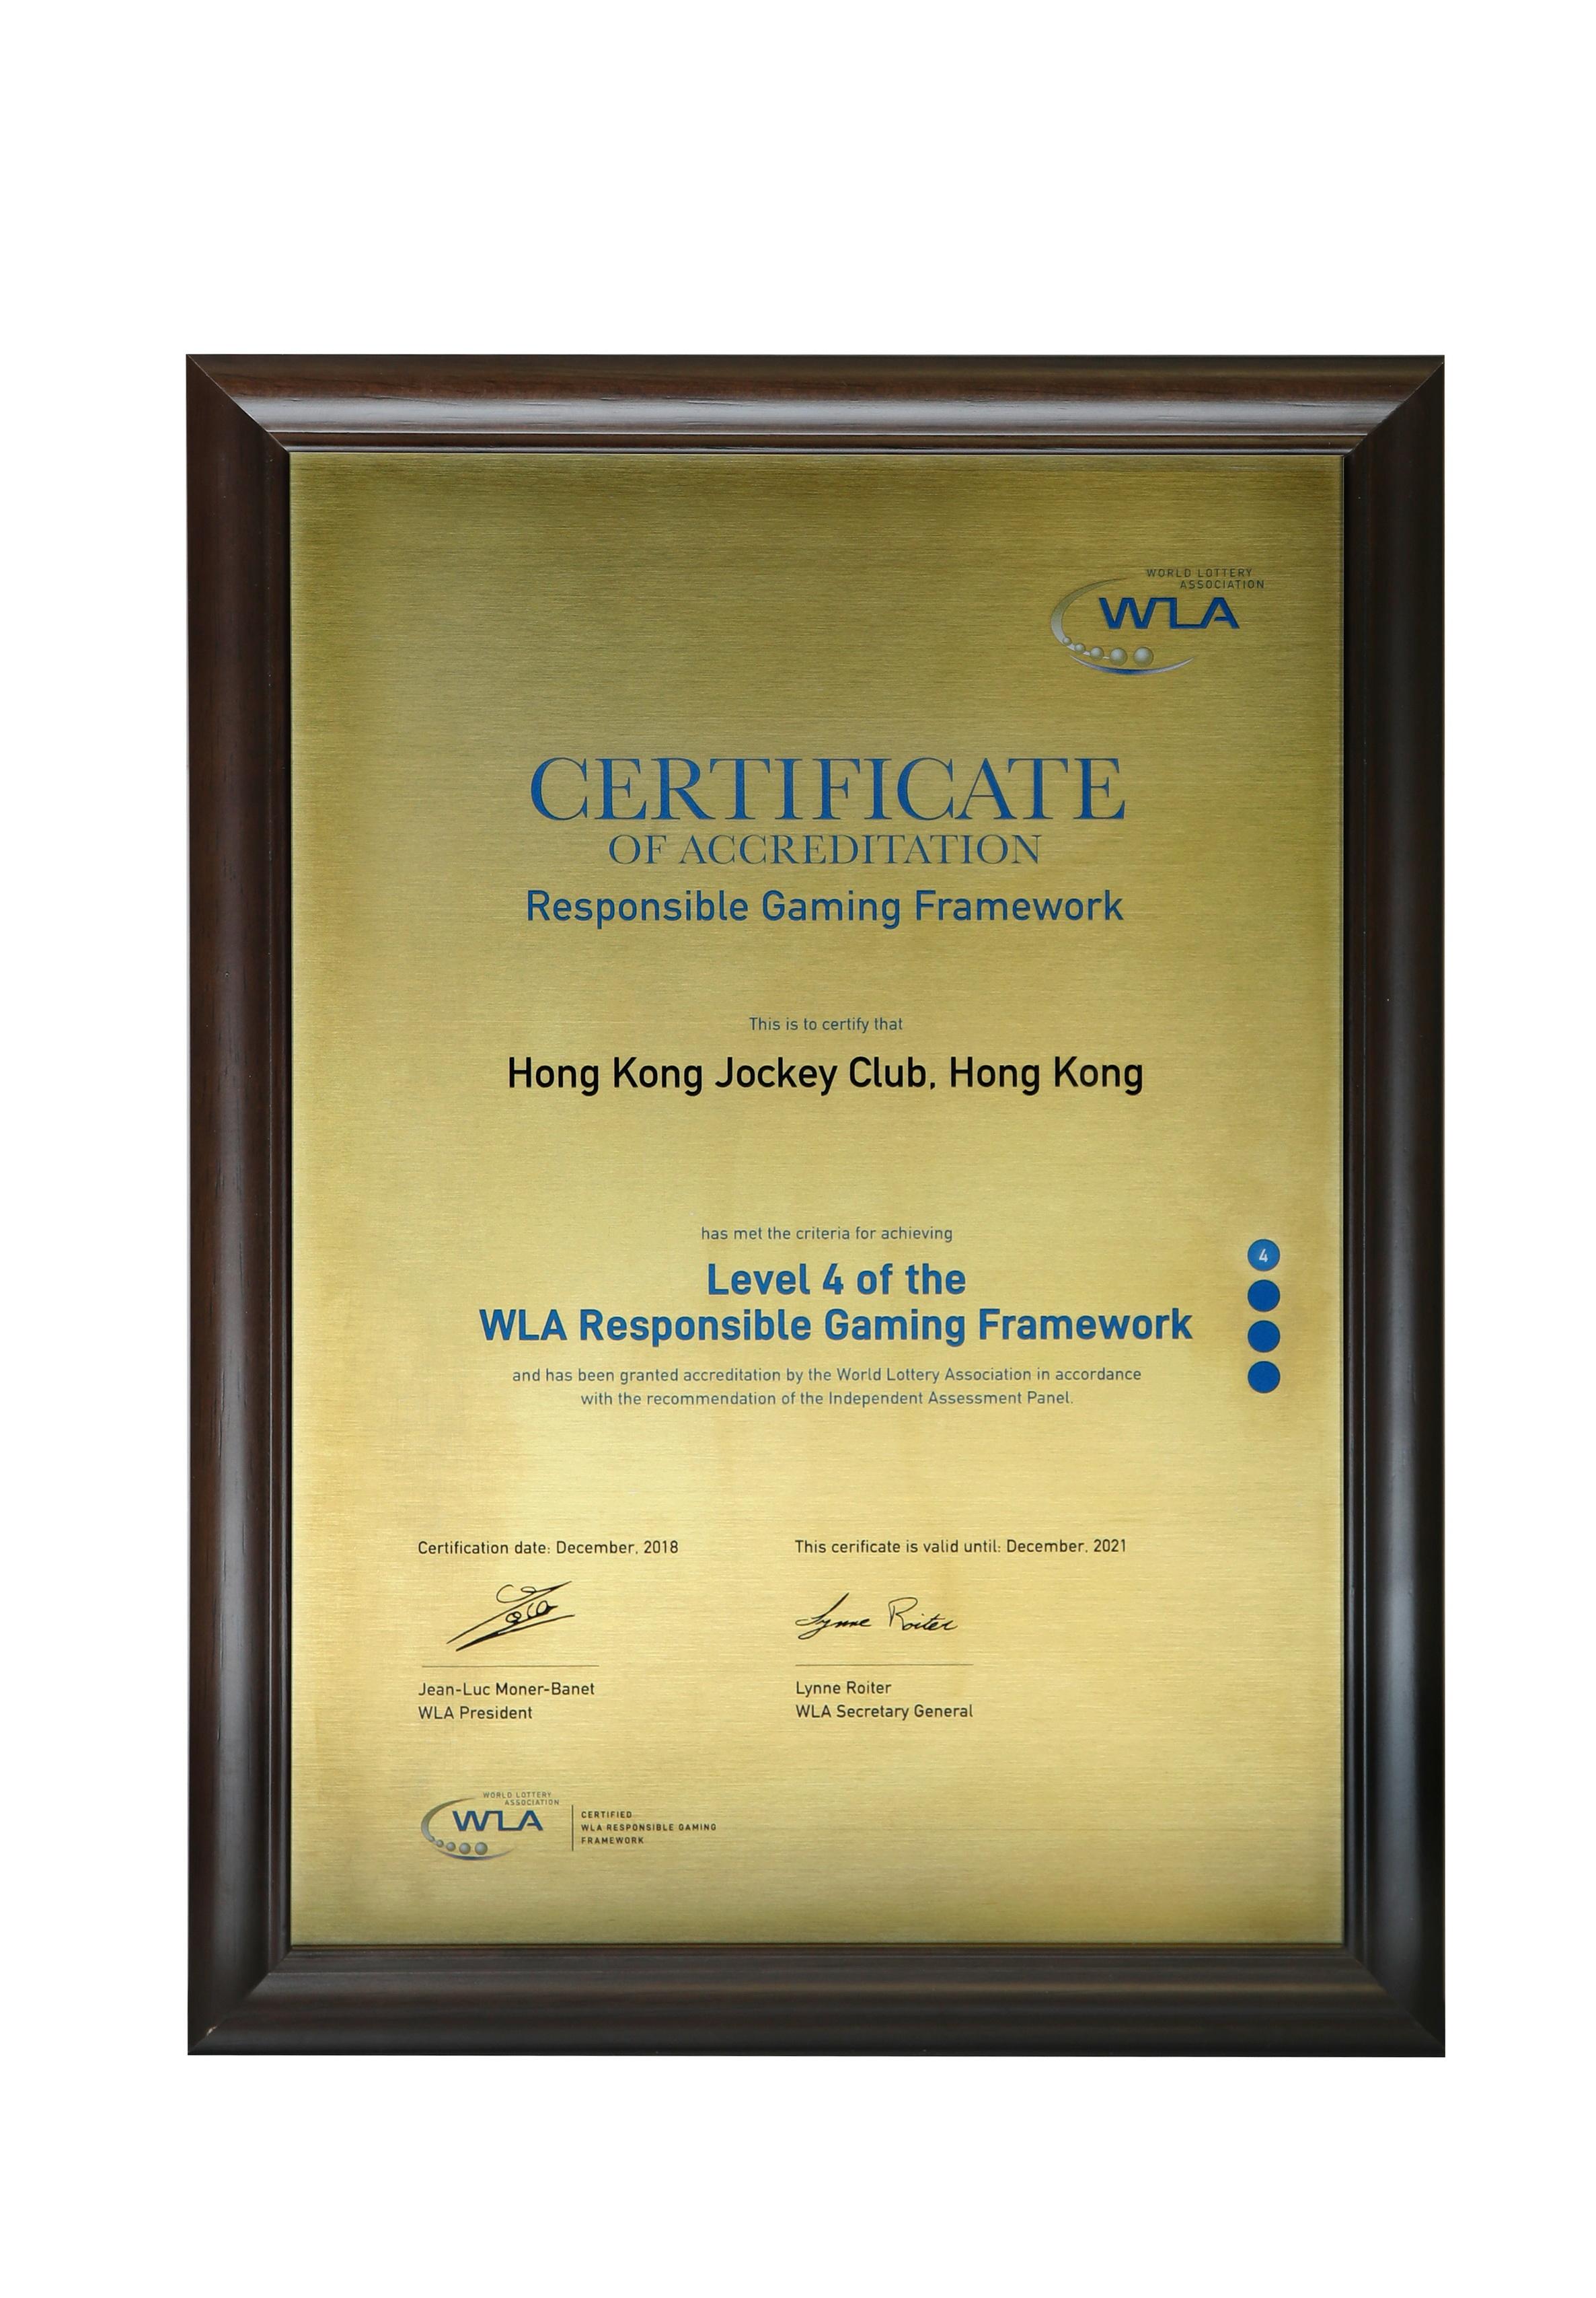 馬會三度榮獲最高級別國際認證 表揚推動有節制博彩